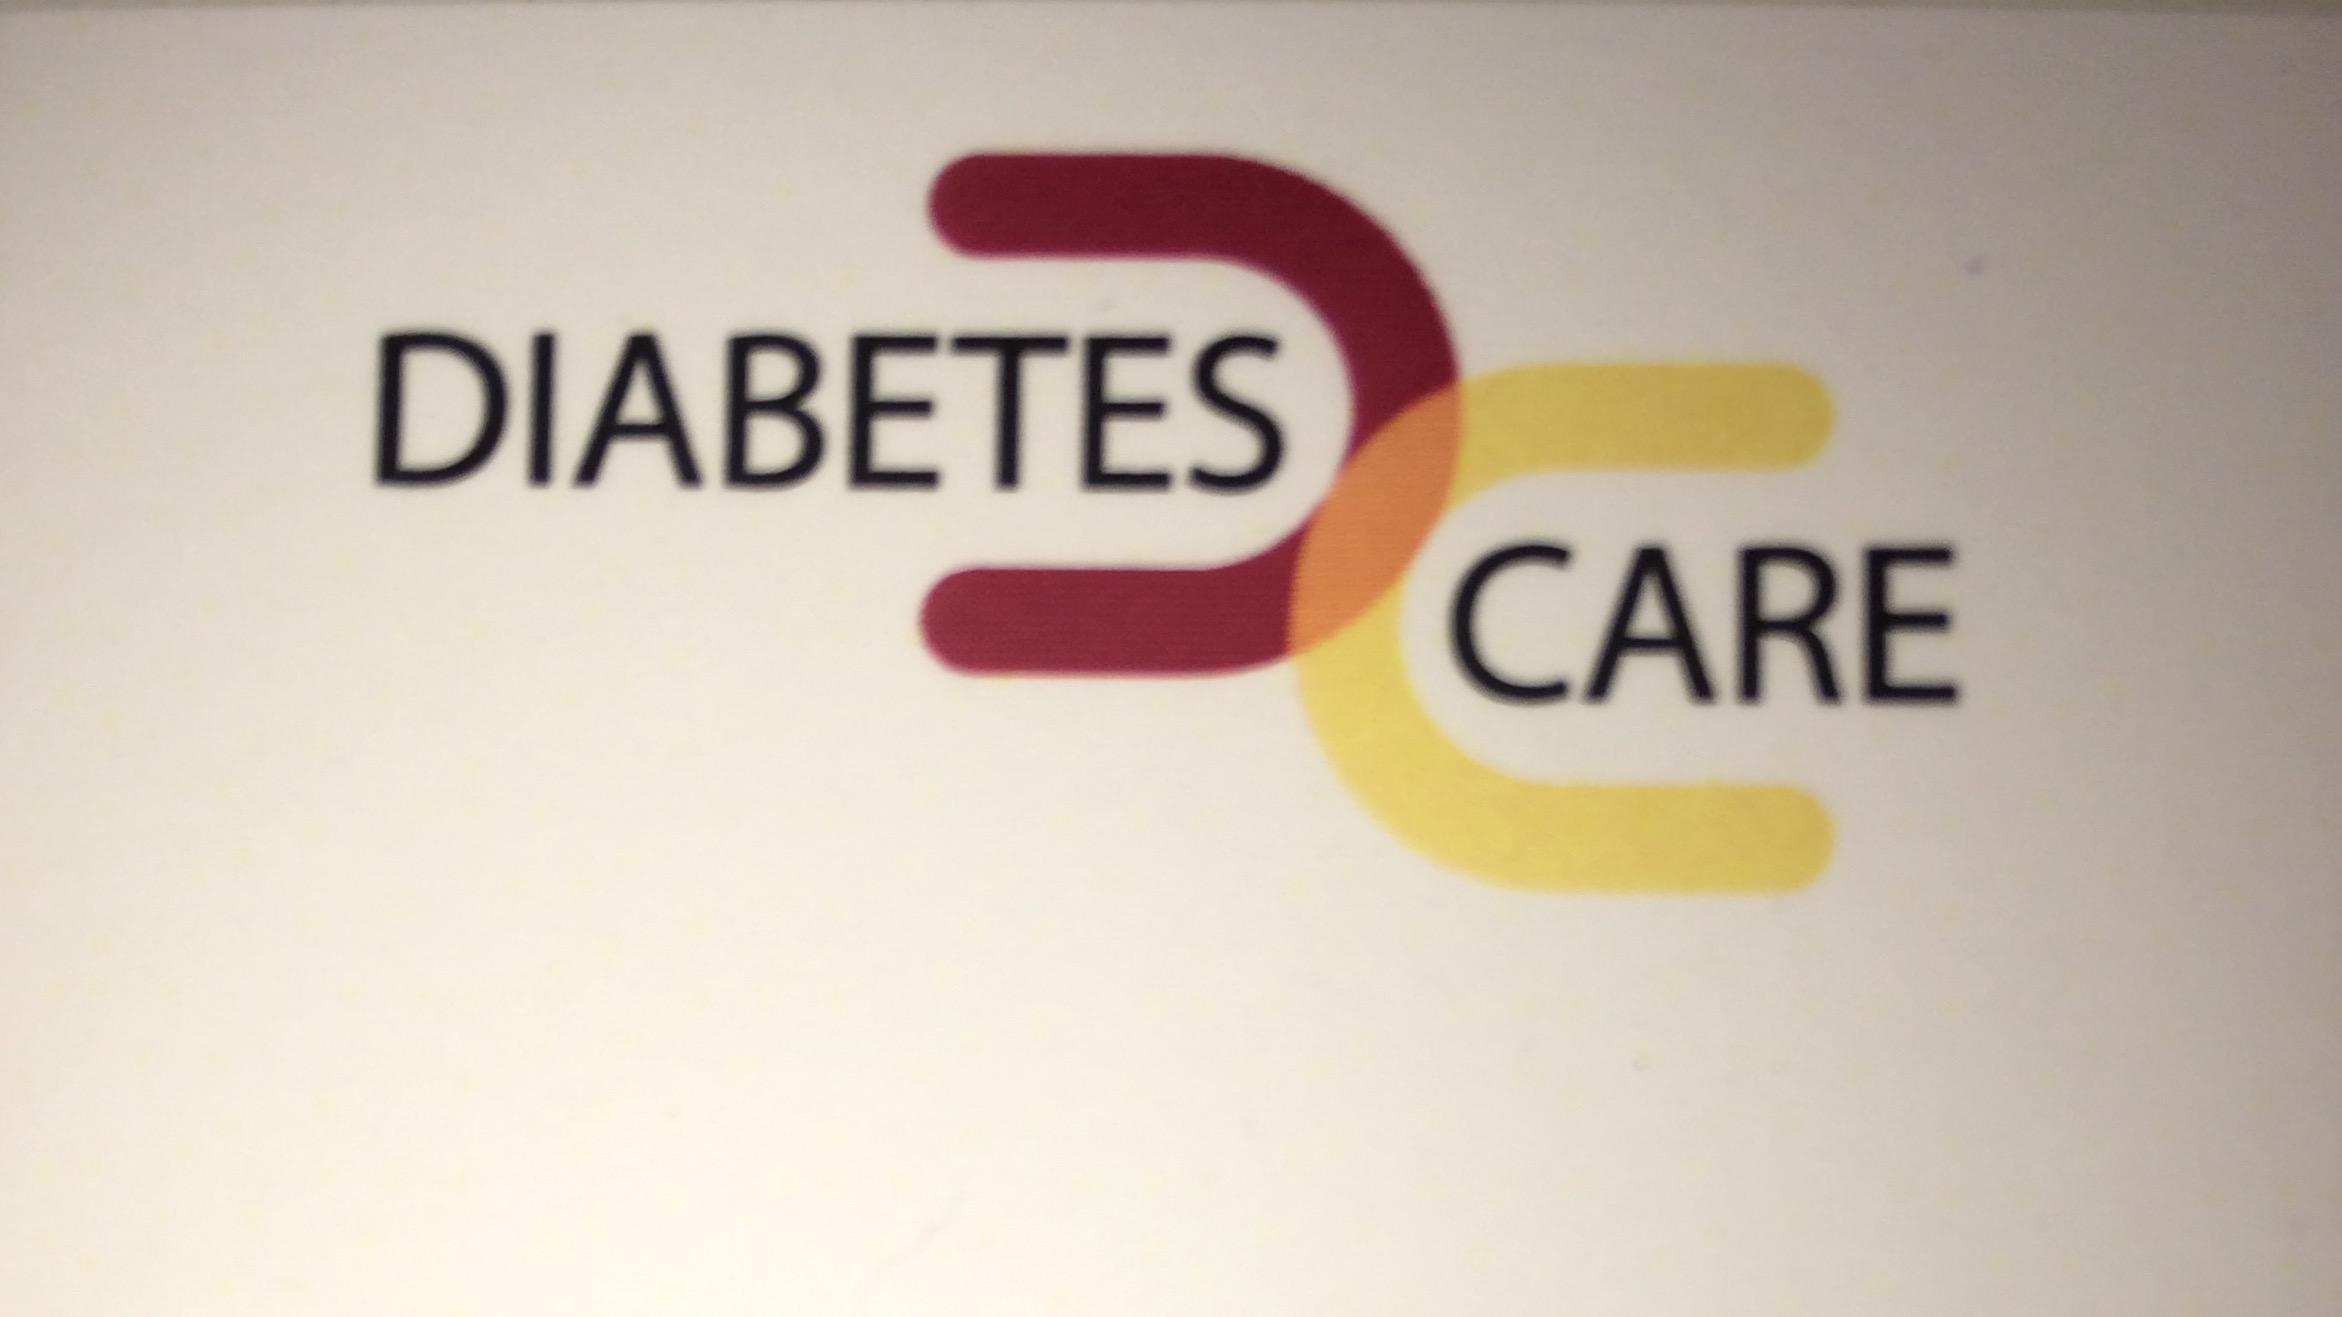 Dr. Pradeep Gadge's Diabetes Care Center